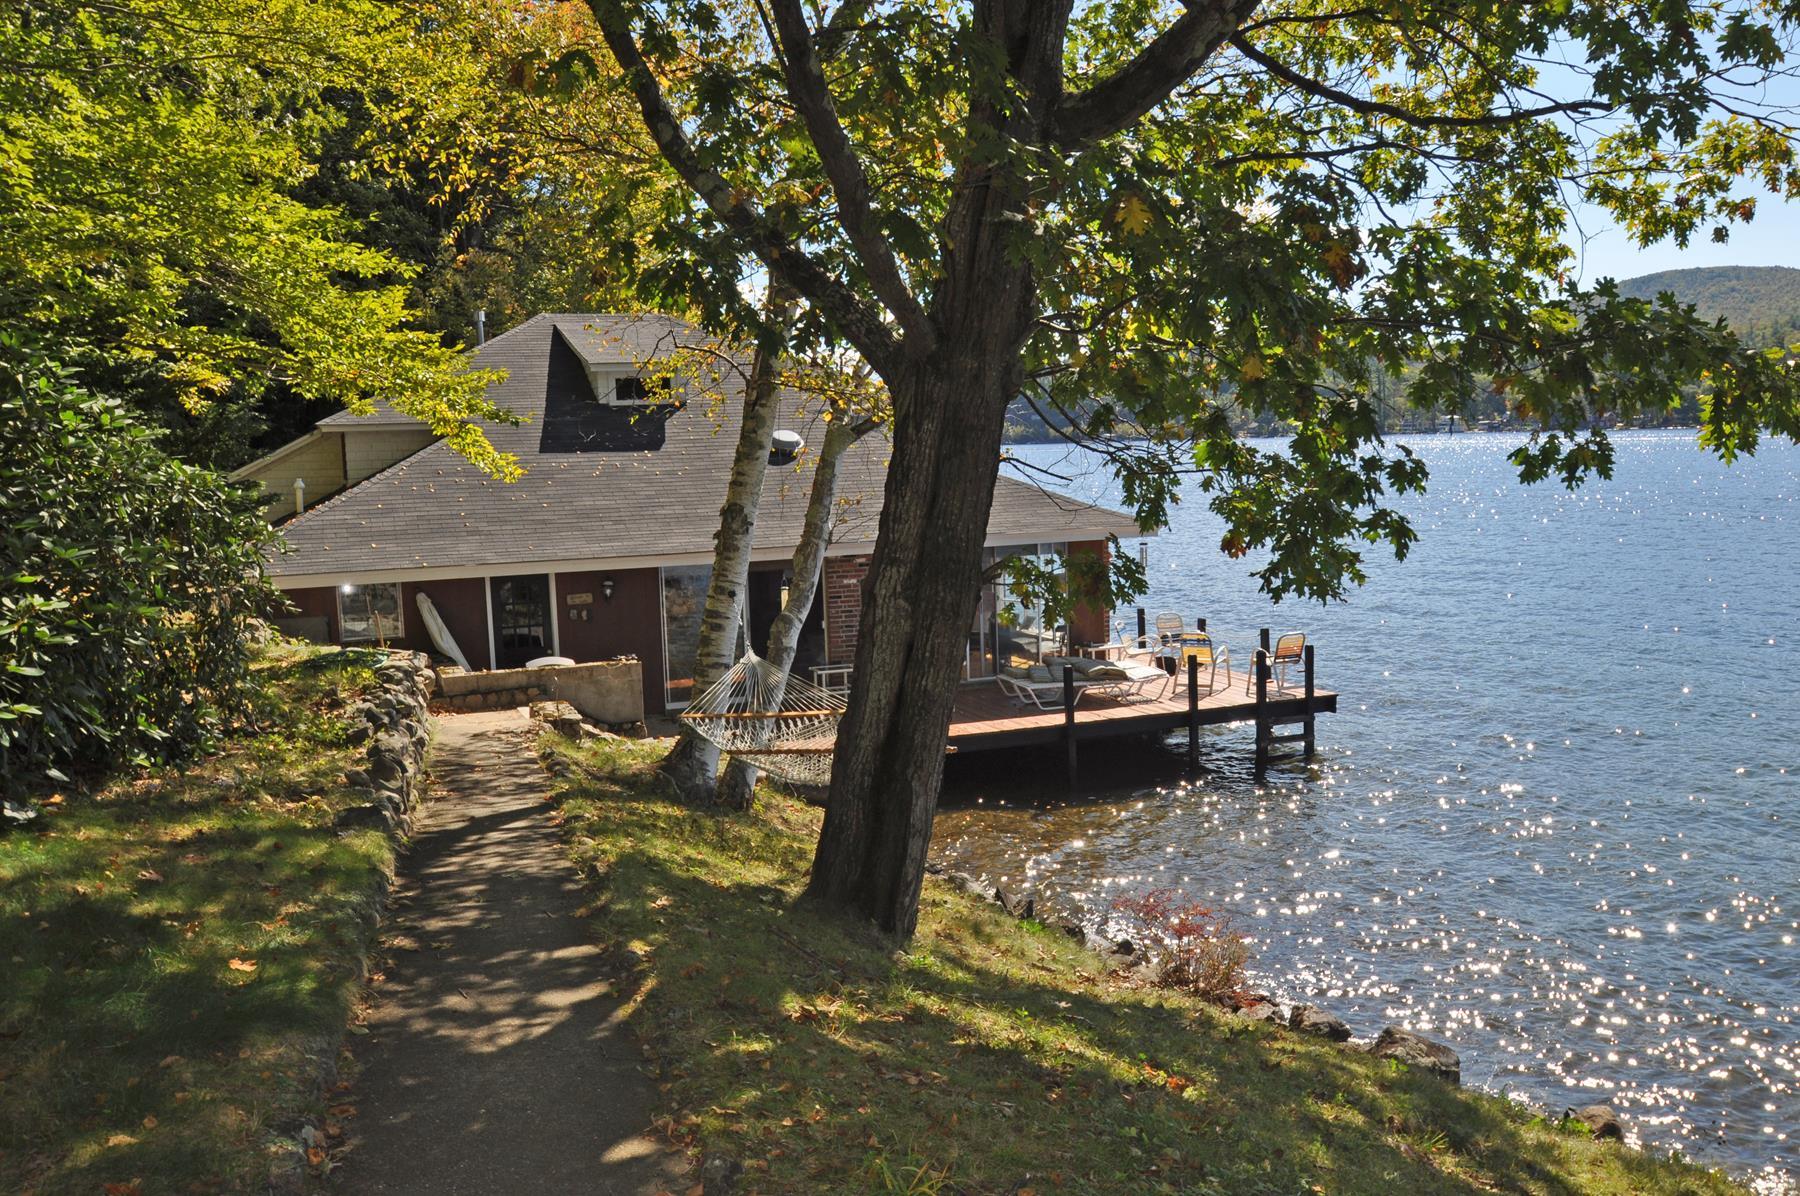 Частный односемейный дом для того Продажа на Charming Boat House 21 Silver Cascade Way Alton, Нью-Гэмпшир 03809 Соединенные Штаты